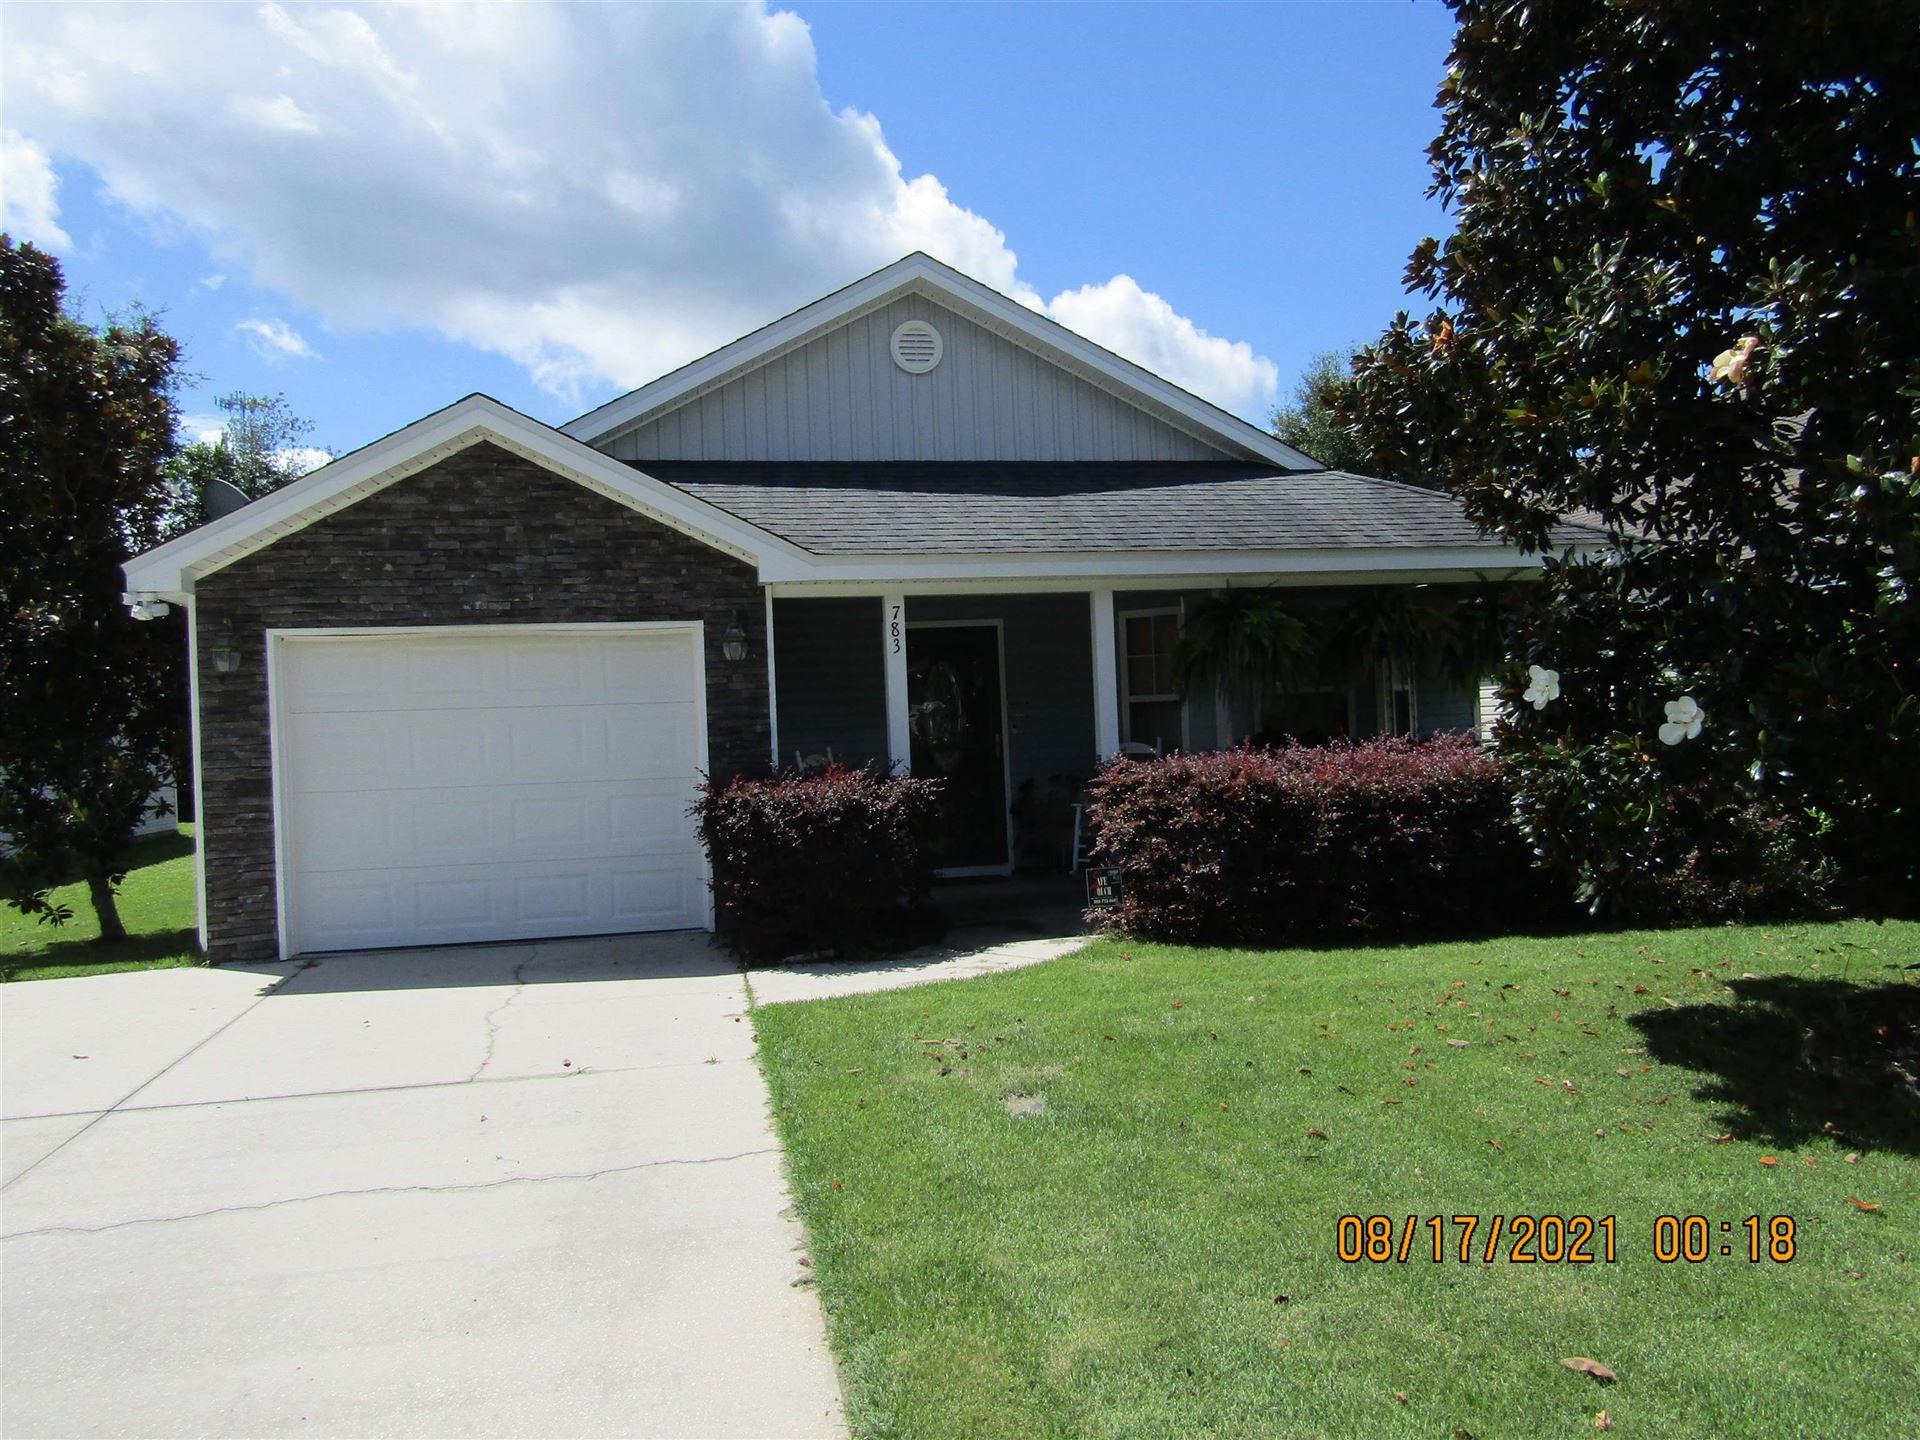 783 Brooke Manor Drive, Tallahassee, FL 32311 - MLS#: 335866